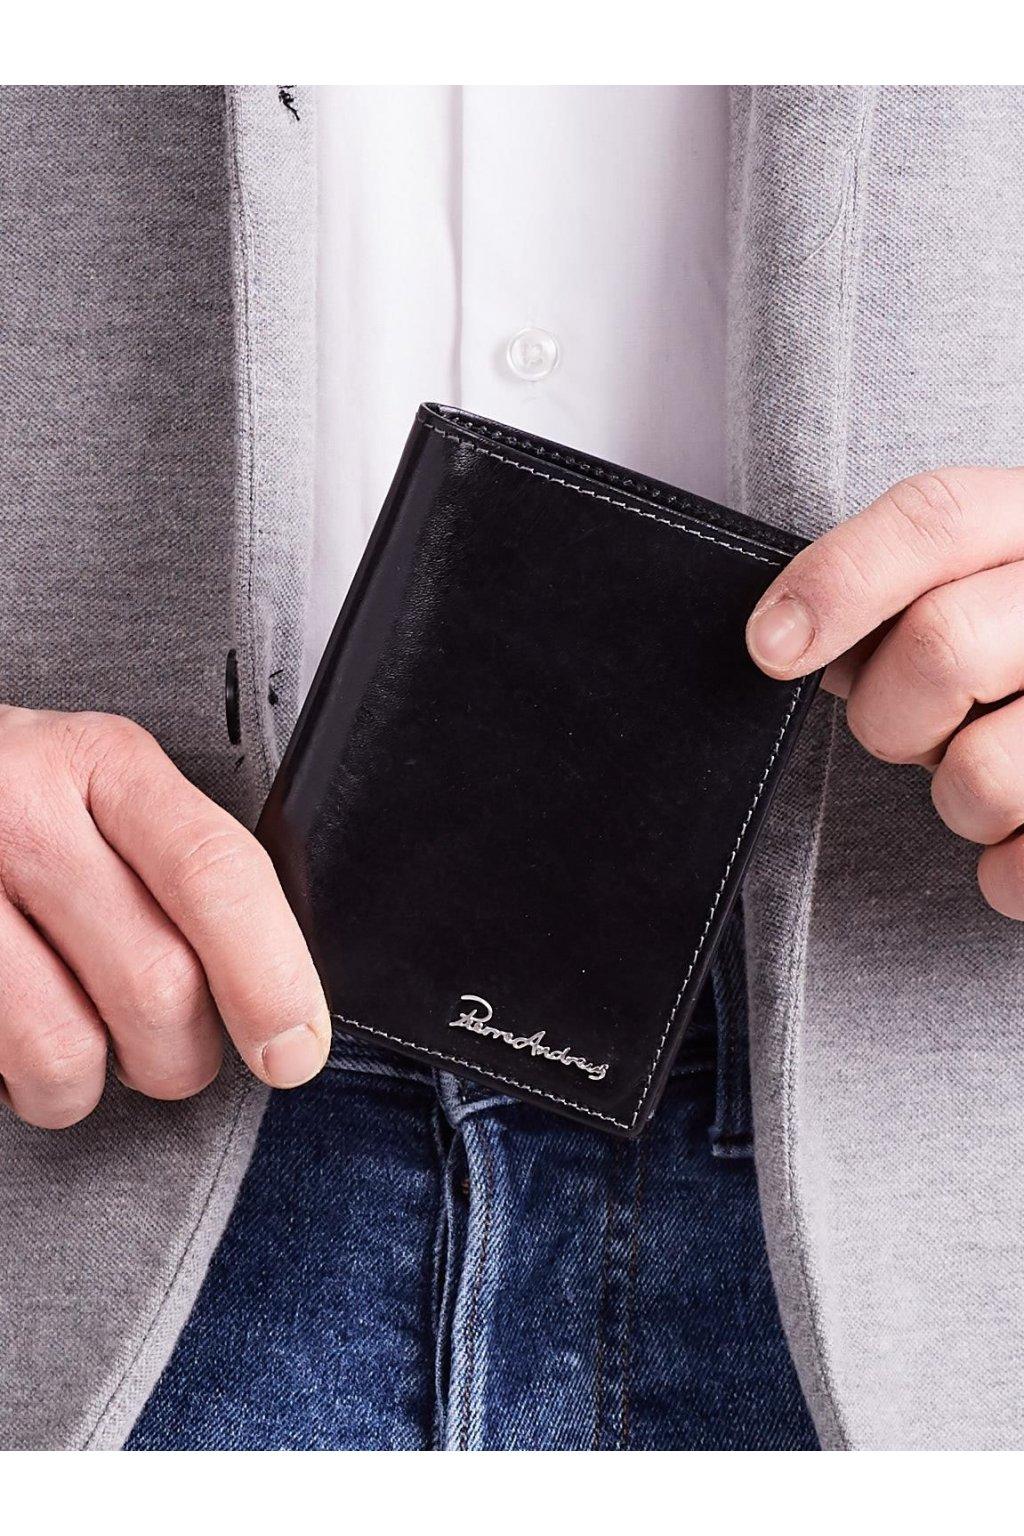 Pánska peňaženka kód CE-PR-PA-N4-VT.14